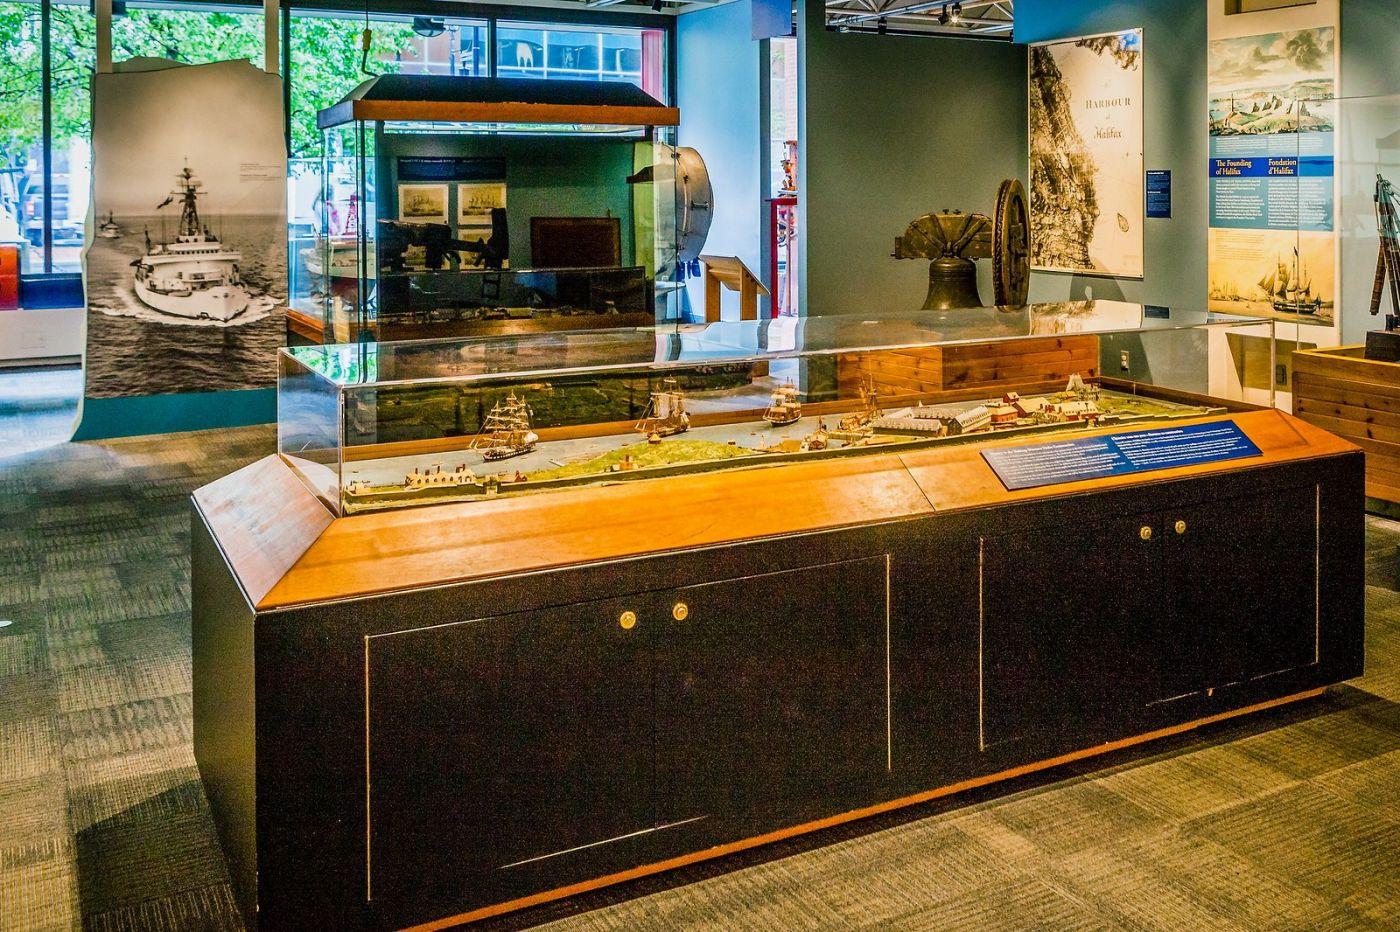 加拿大哈利法克斯(Halifax)大西洋海事博物馆_图1-26